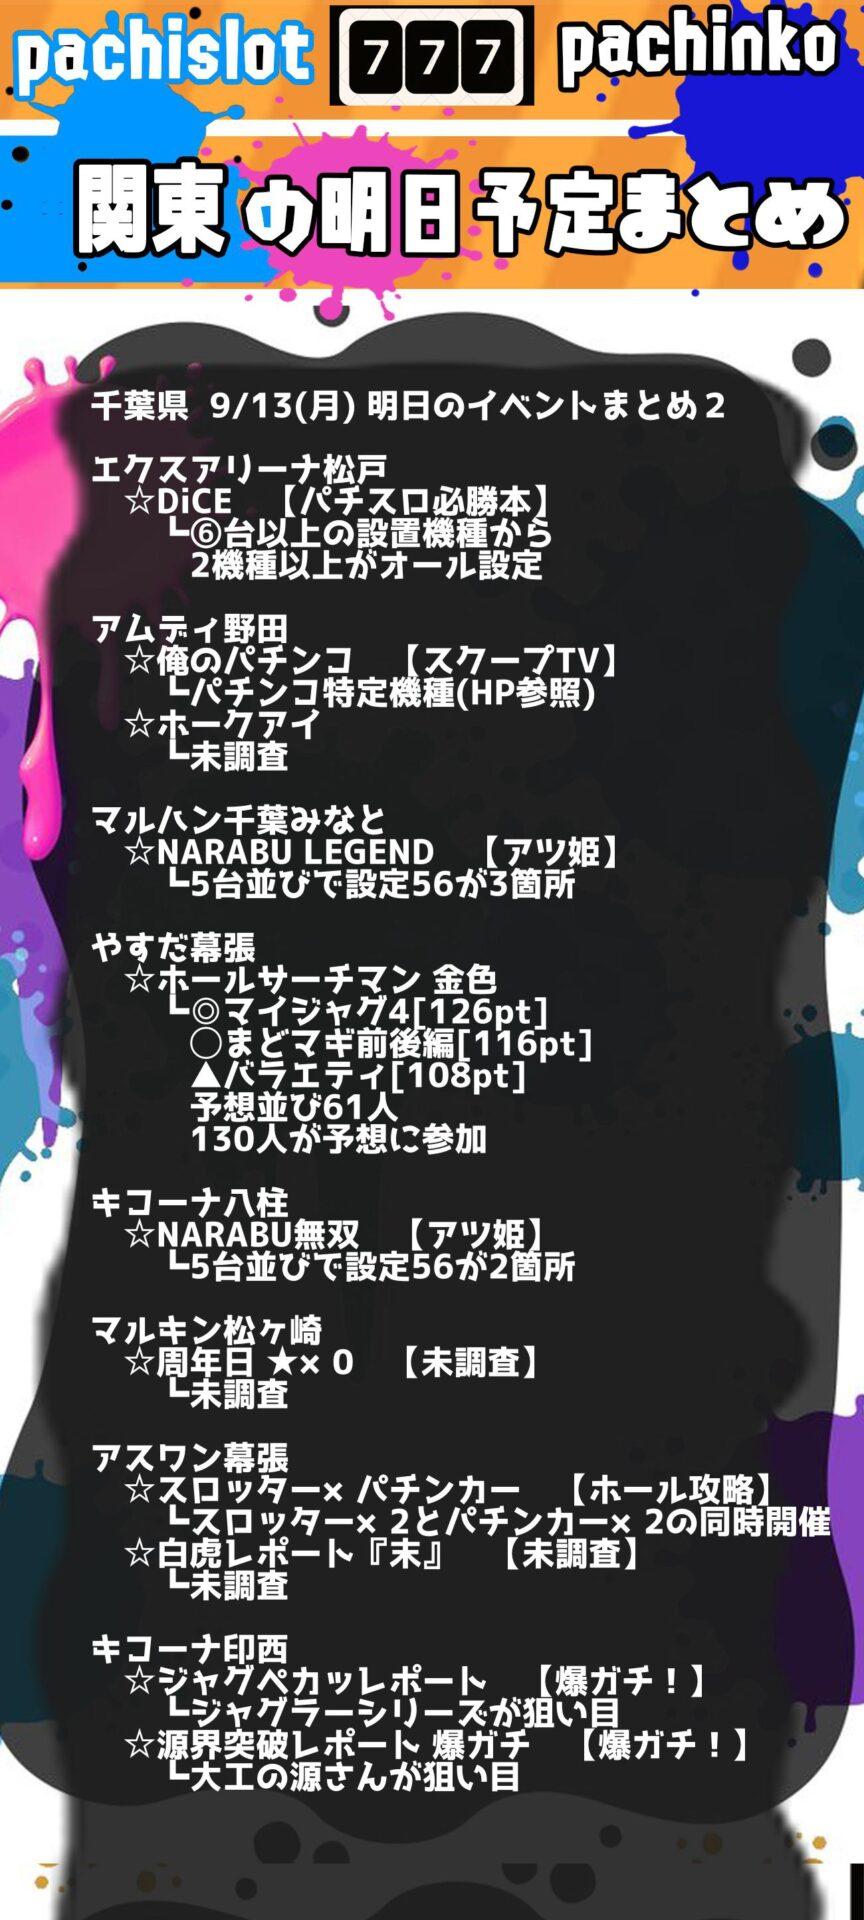 千葉県_2021-09-13_パチンコ・パチスロ_イベント